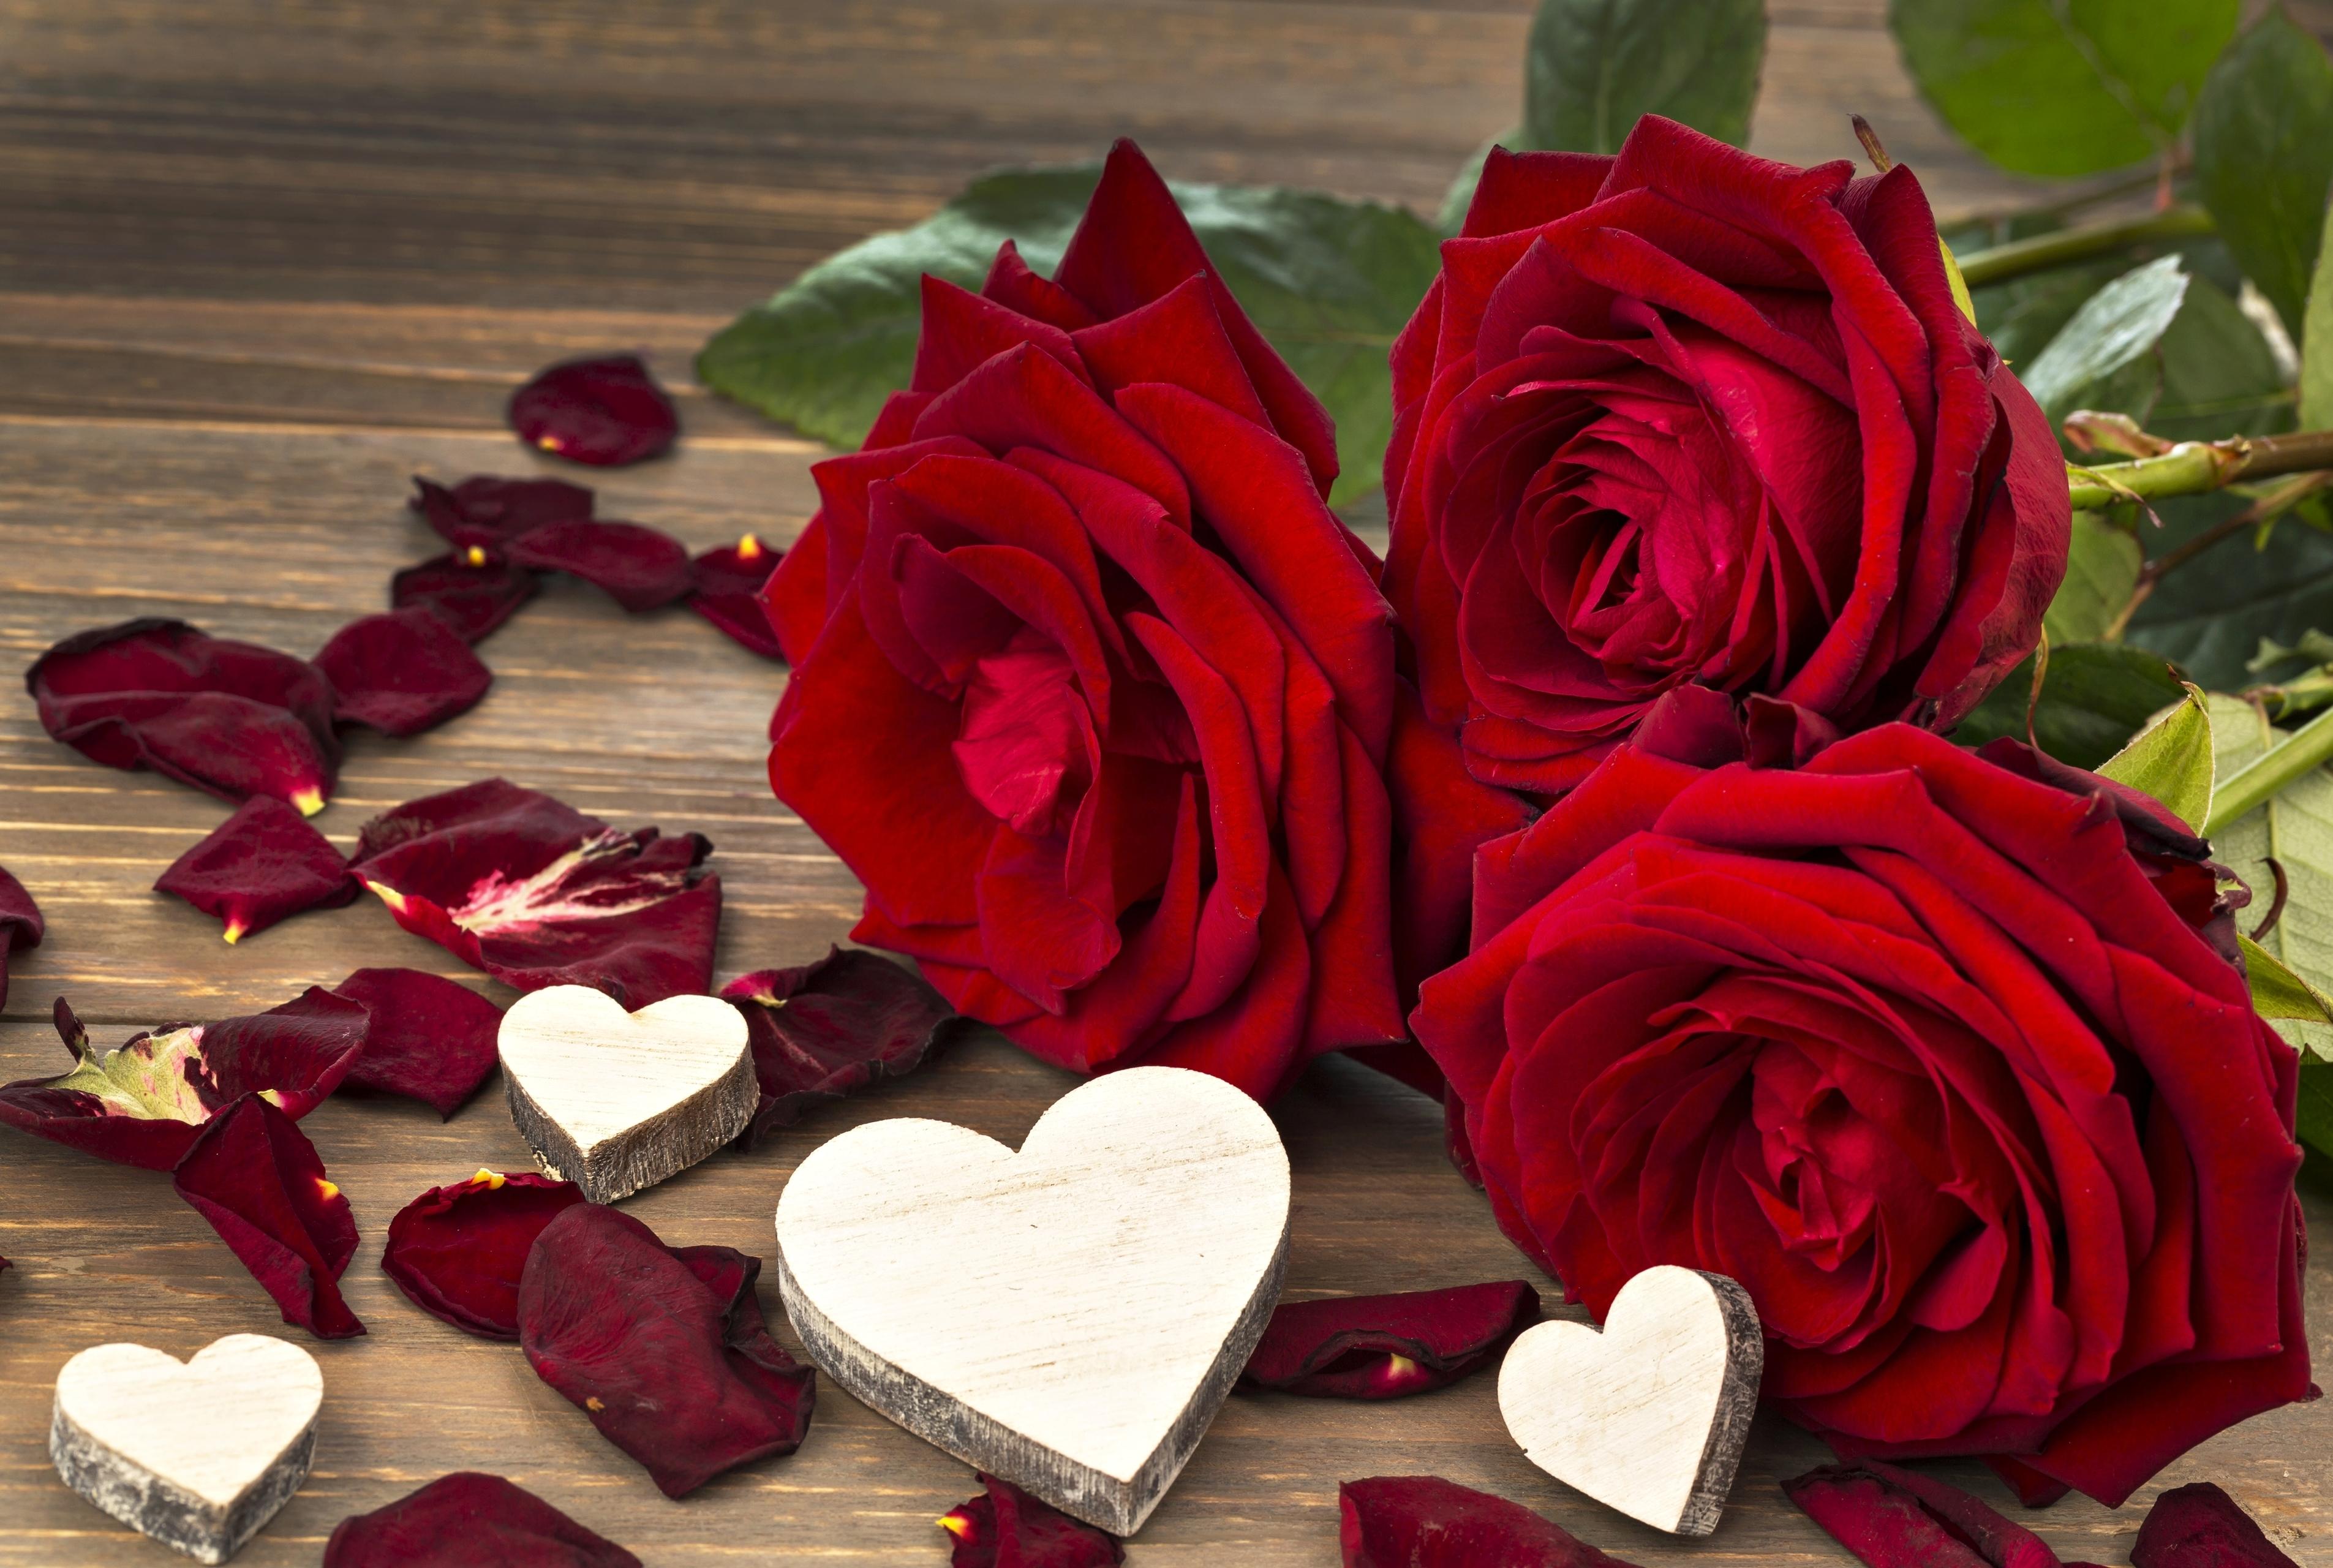 красивые сердечки и розы картинки можно